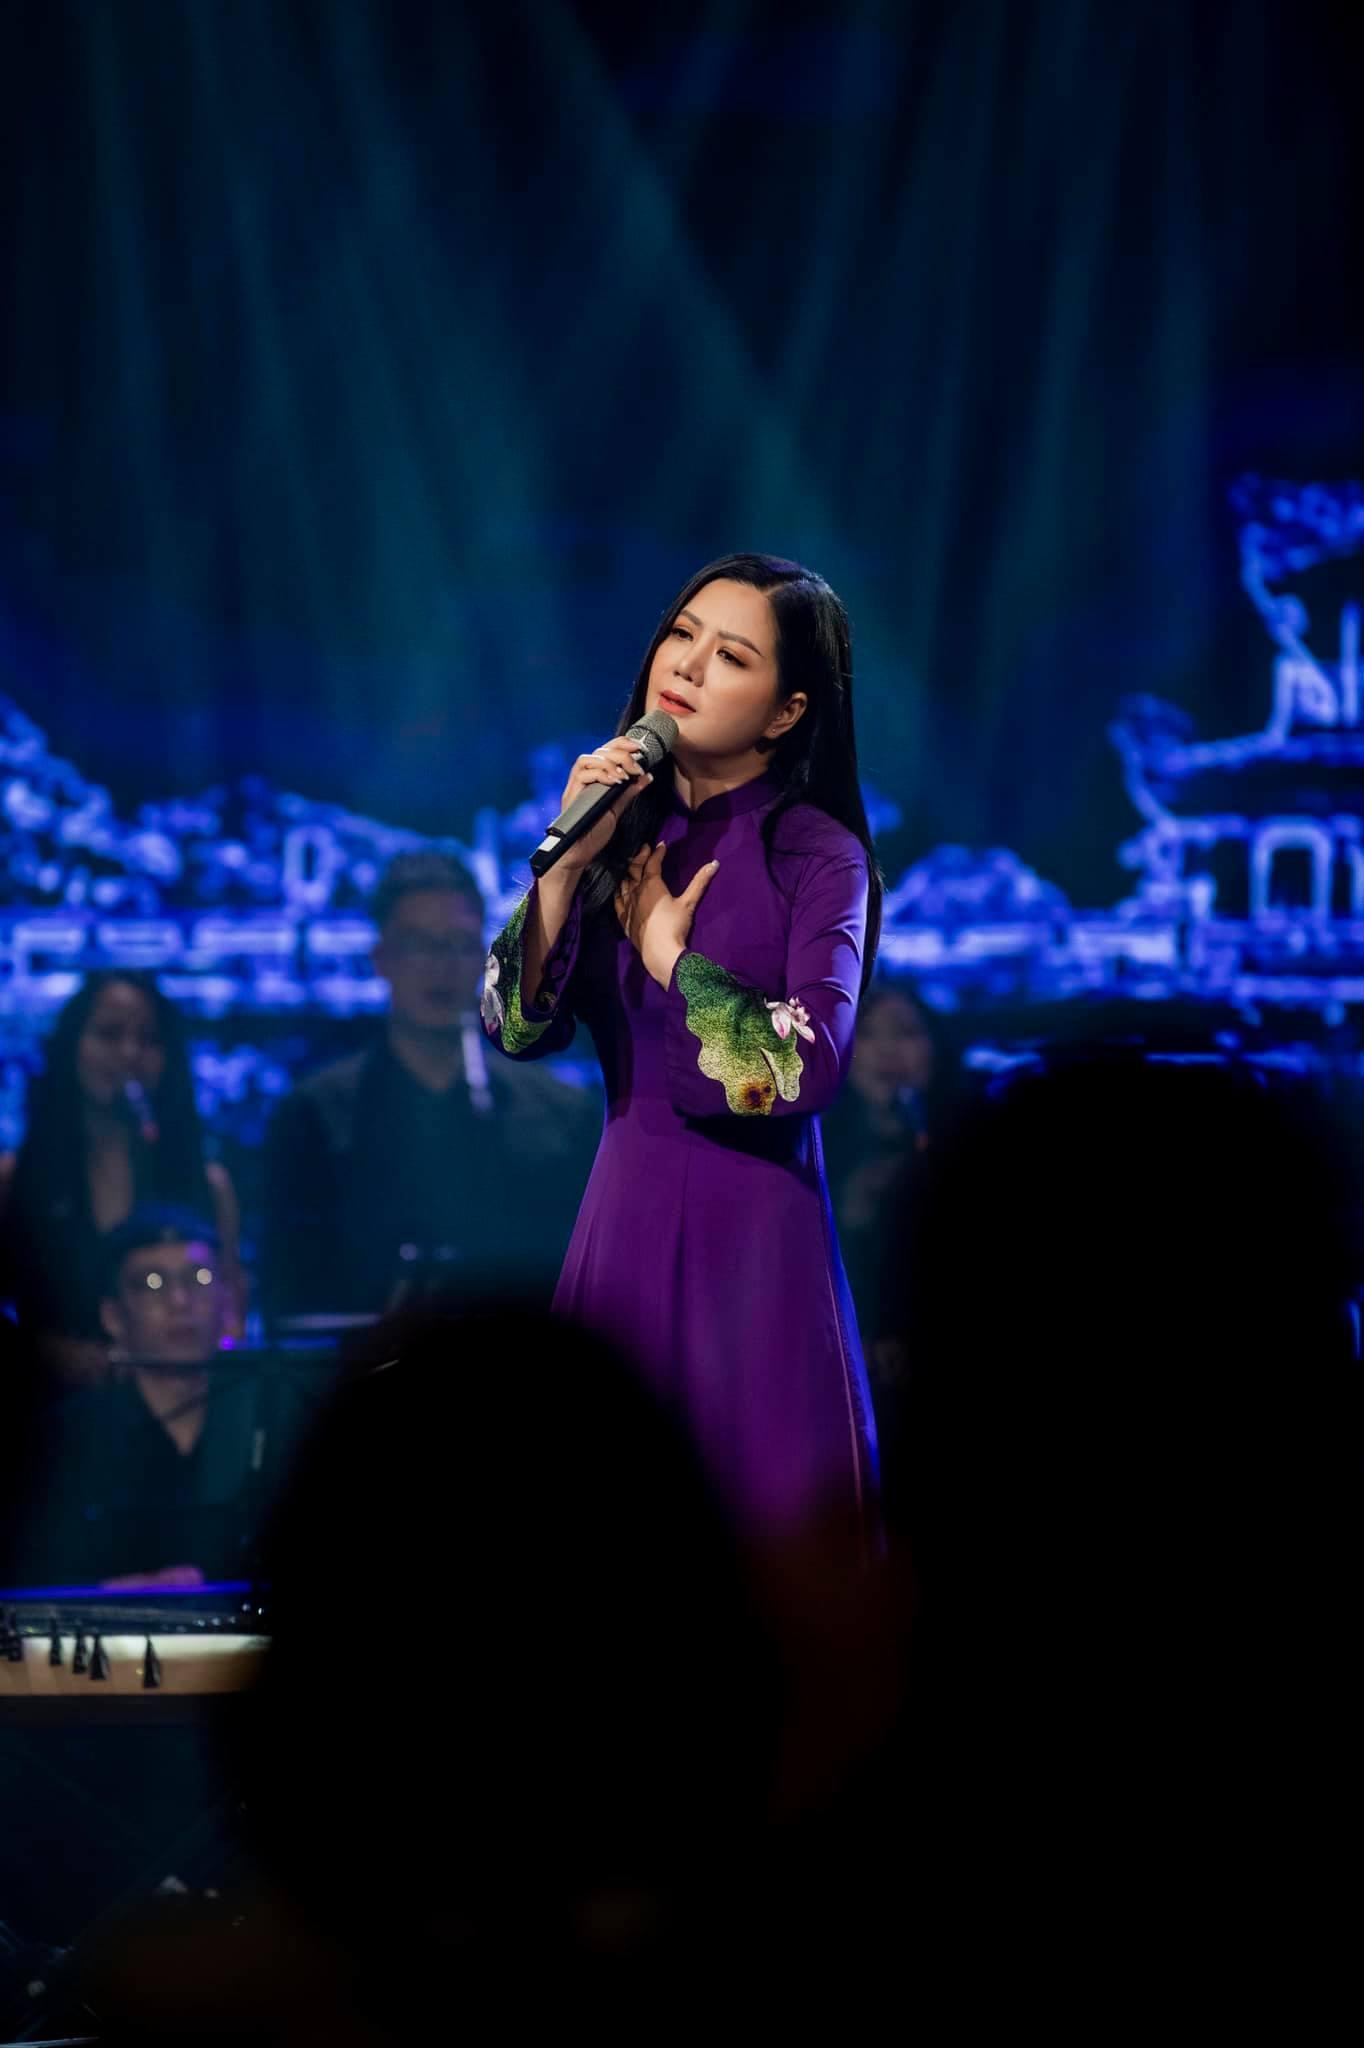 Đinh Hiền Anh làm đêm nhạc quyên góp cho gia đình trong vụ sạt lở tại Huế - 1